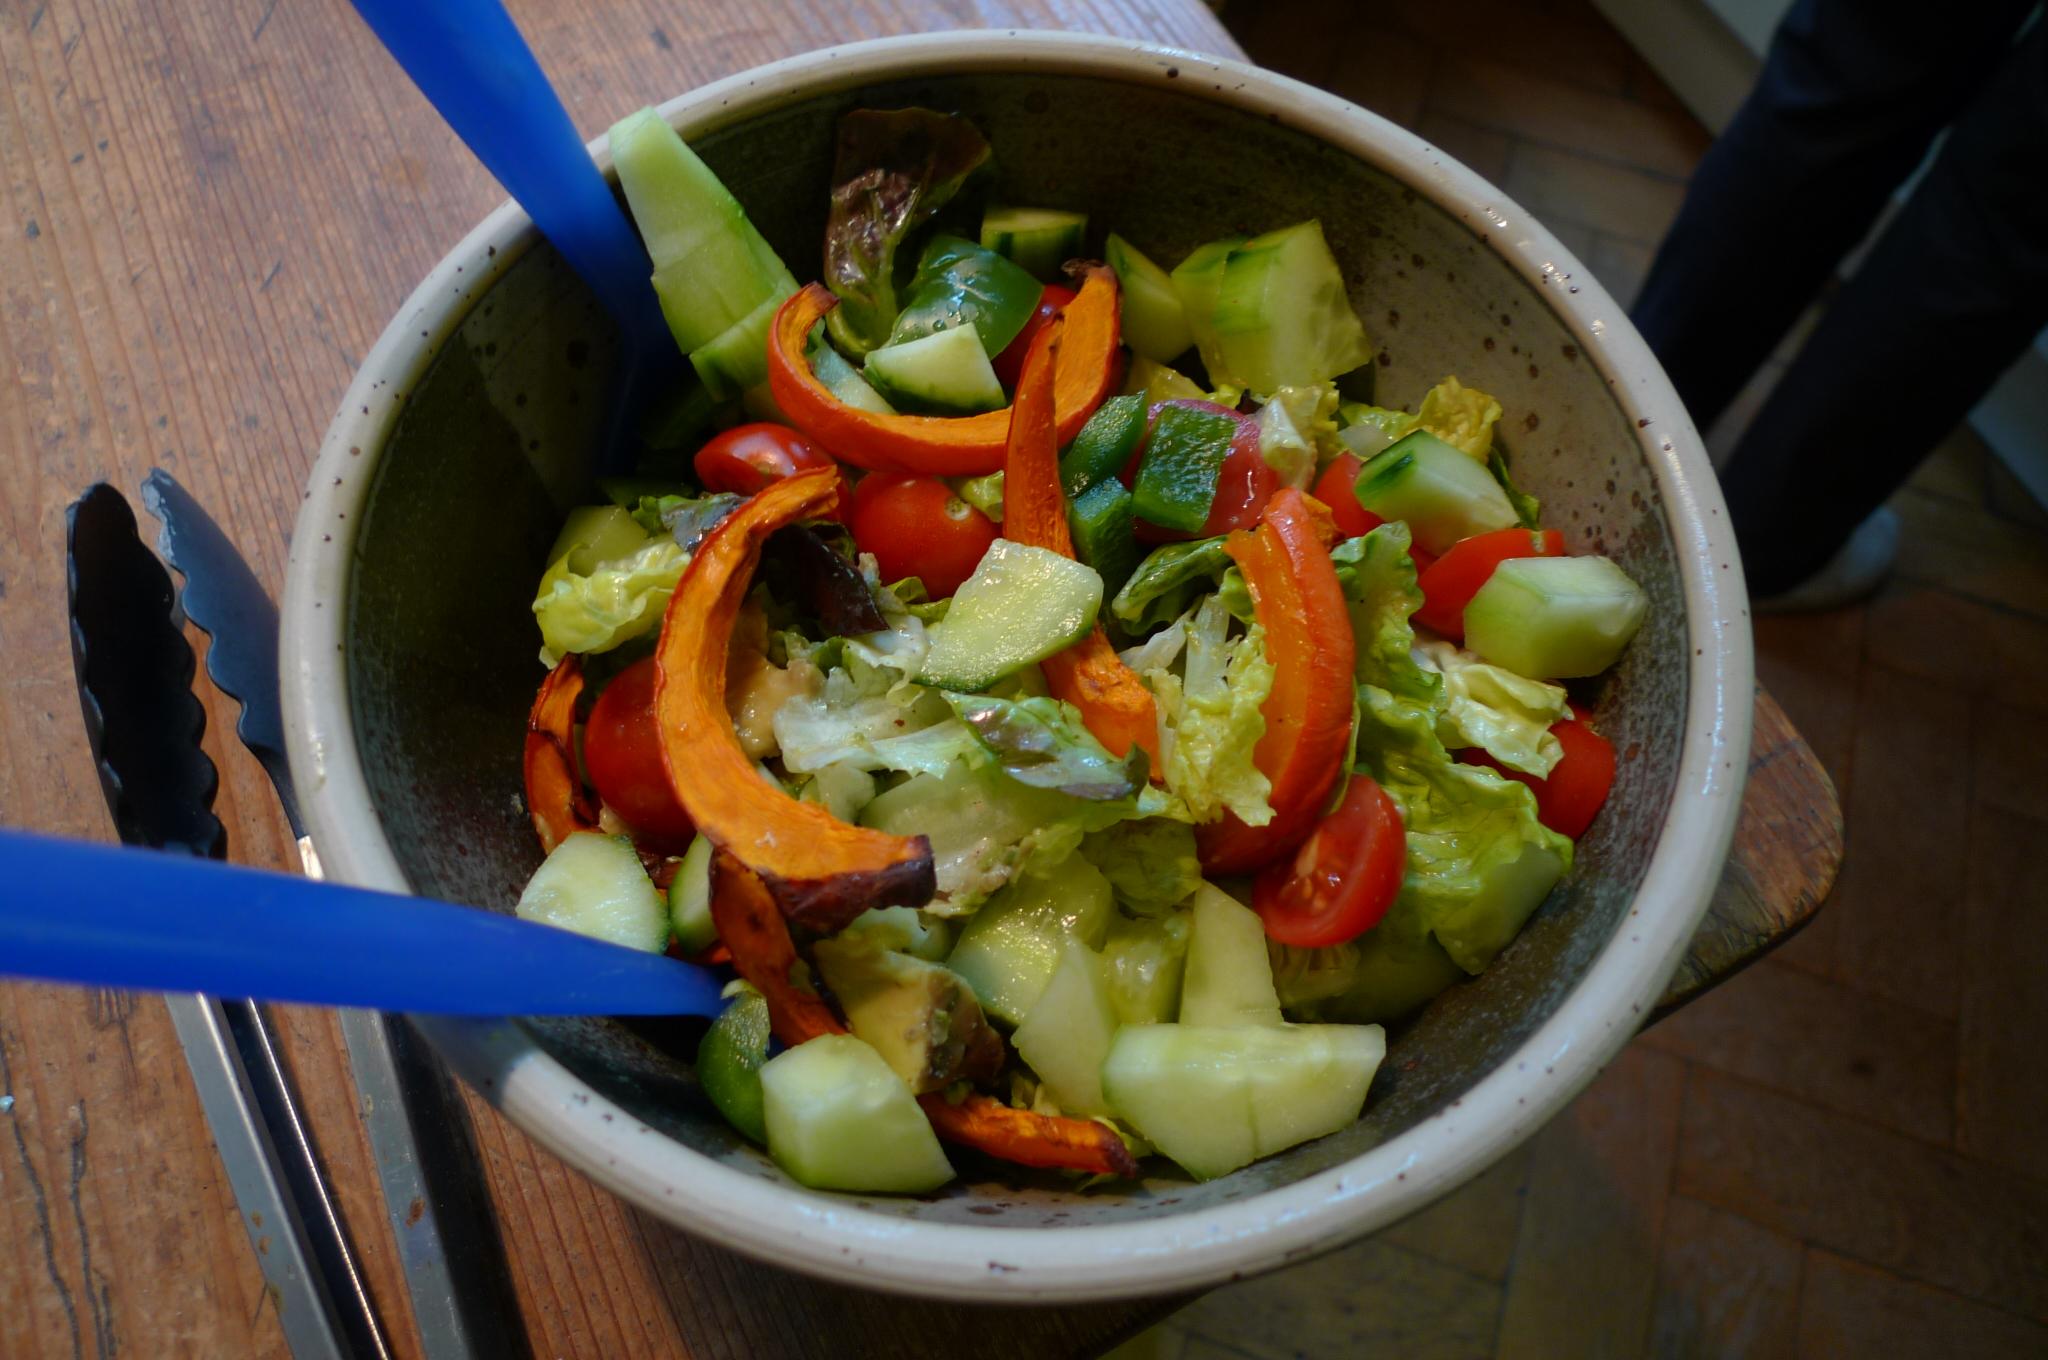 Muscheln,Salate,Weißbrot-12.12.14 (13a)